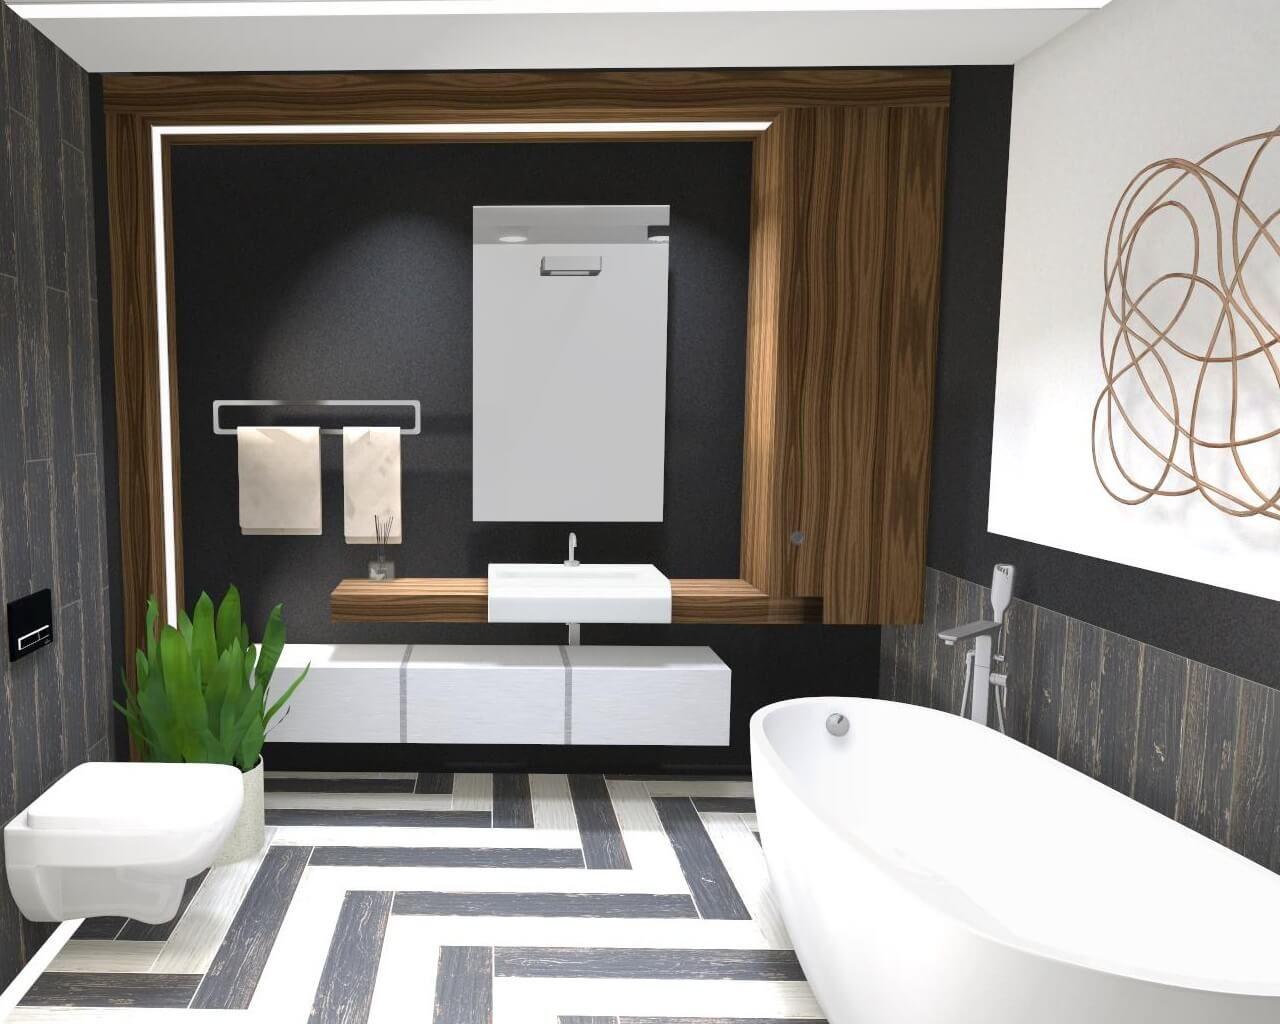 Duża łazienka inspirowana drewnem | Ceramika Paradyż